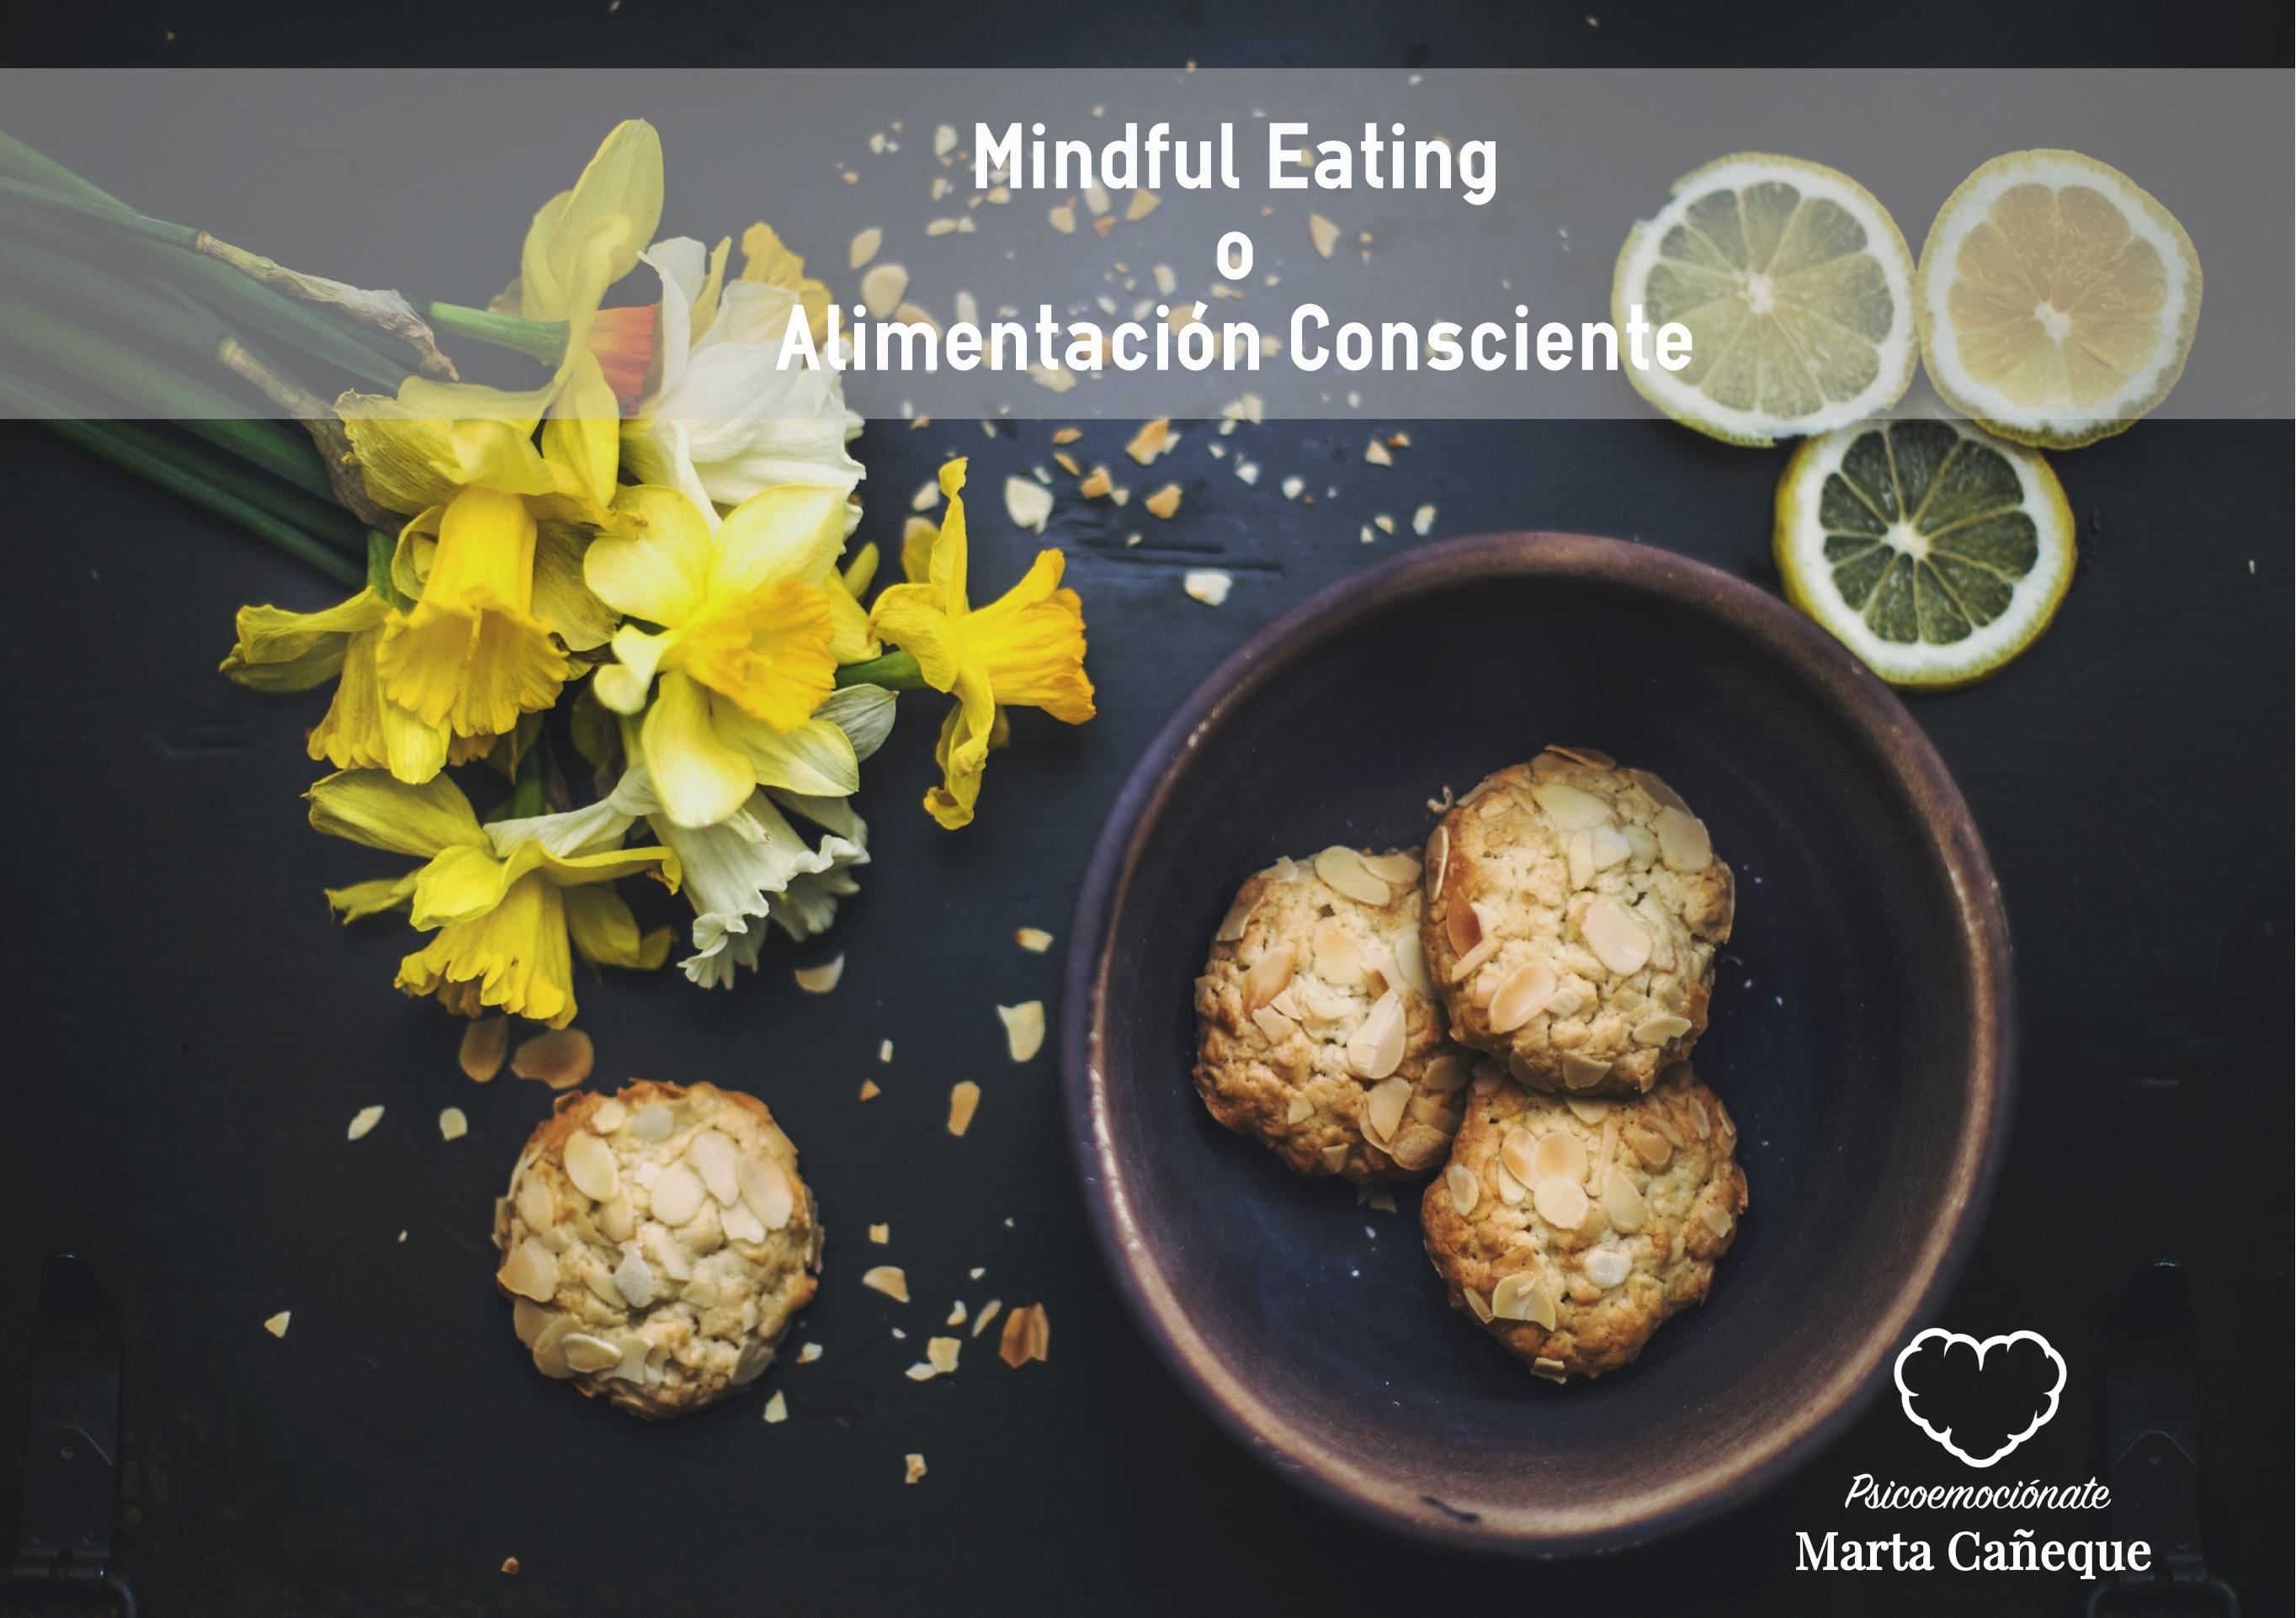 Mindful Eating alimentación consciente psicoemocionate